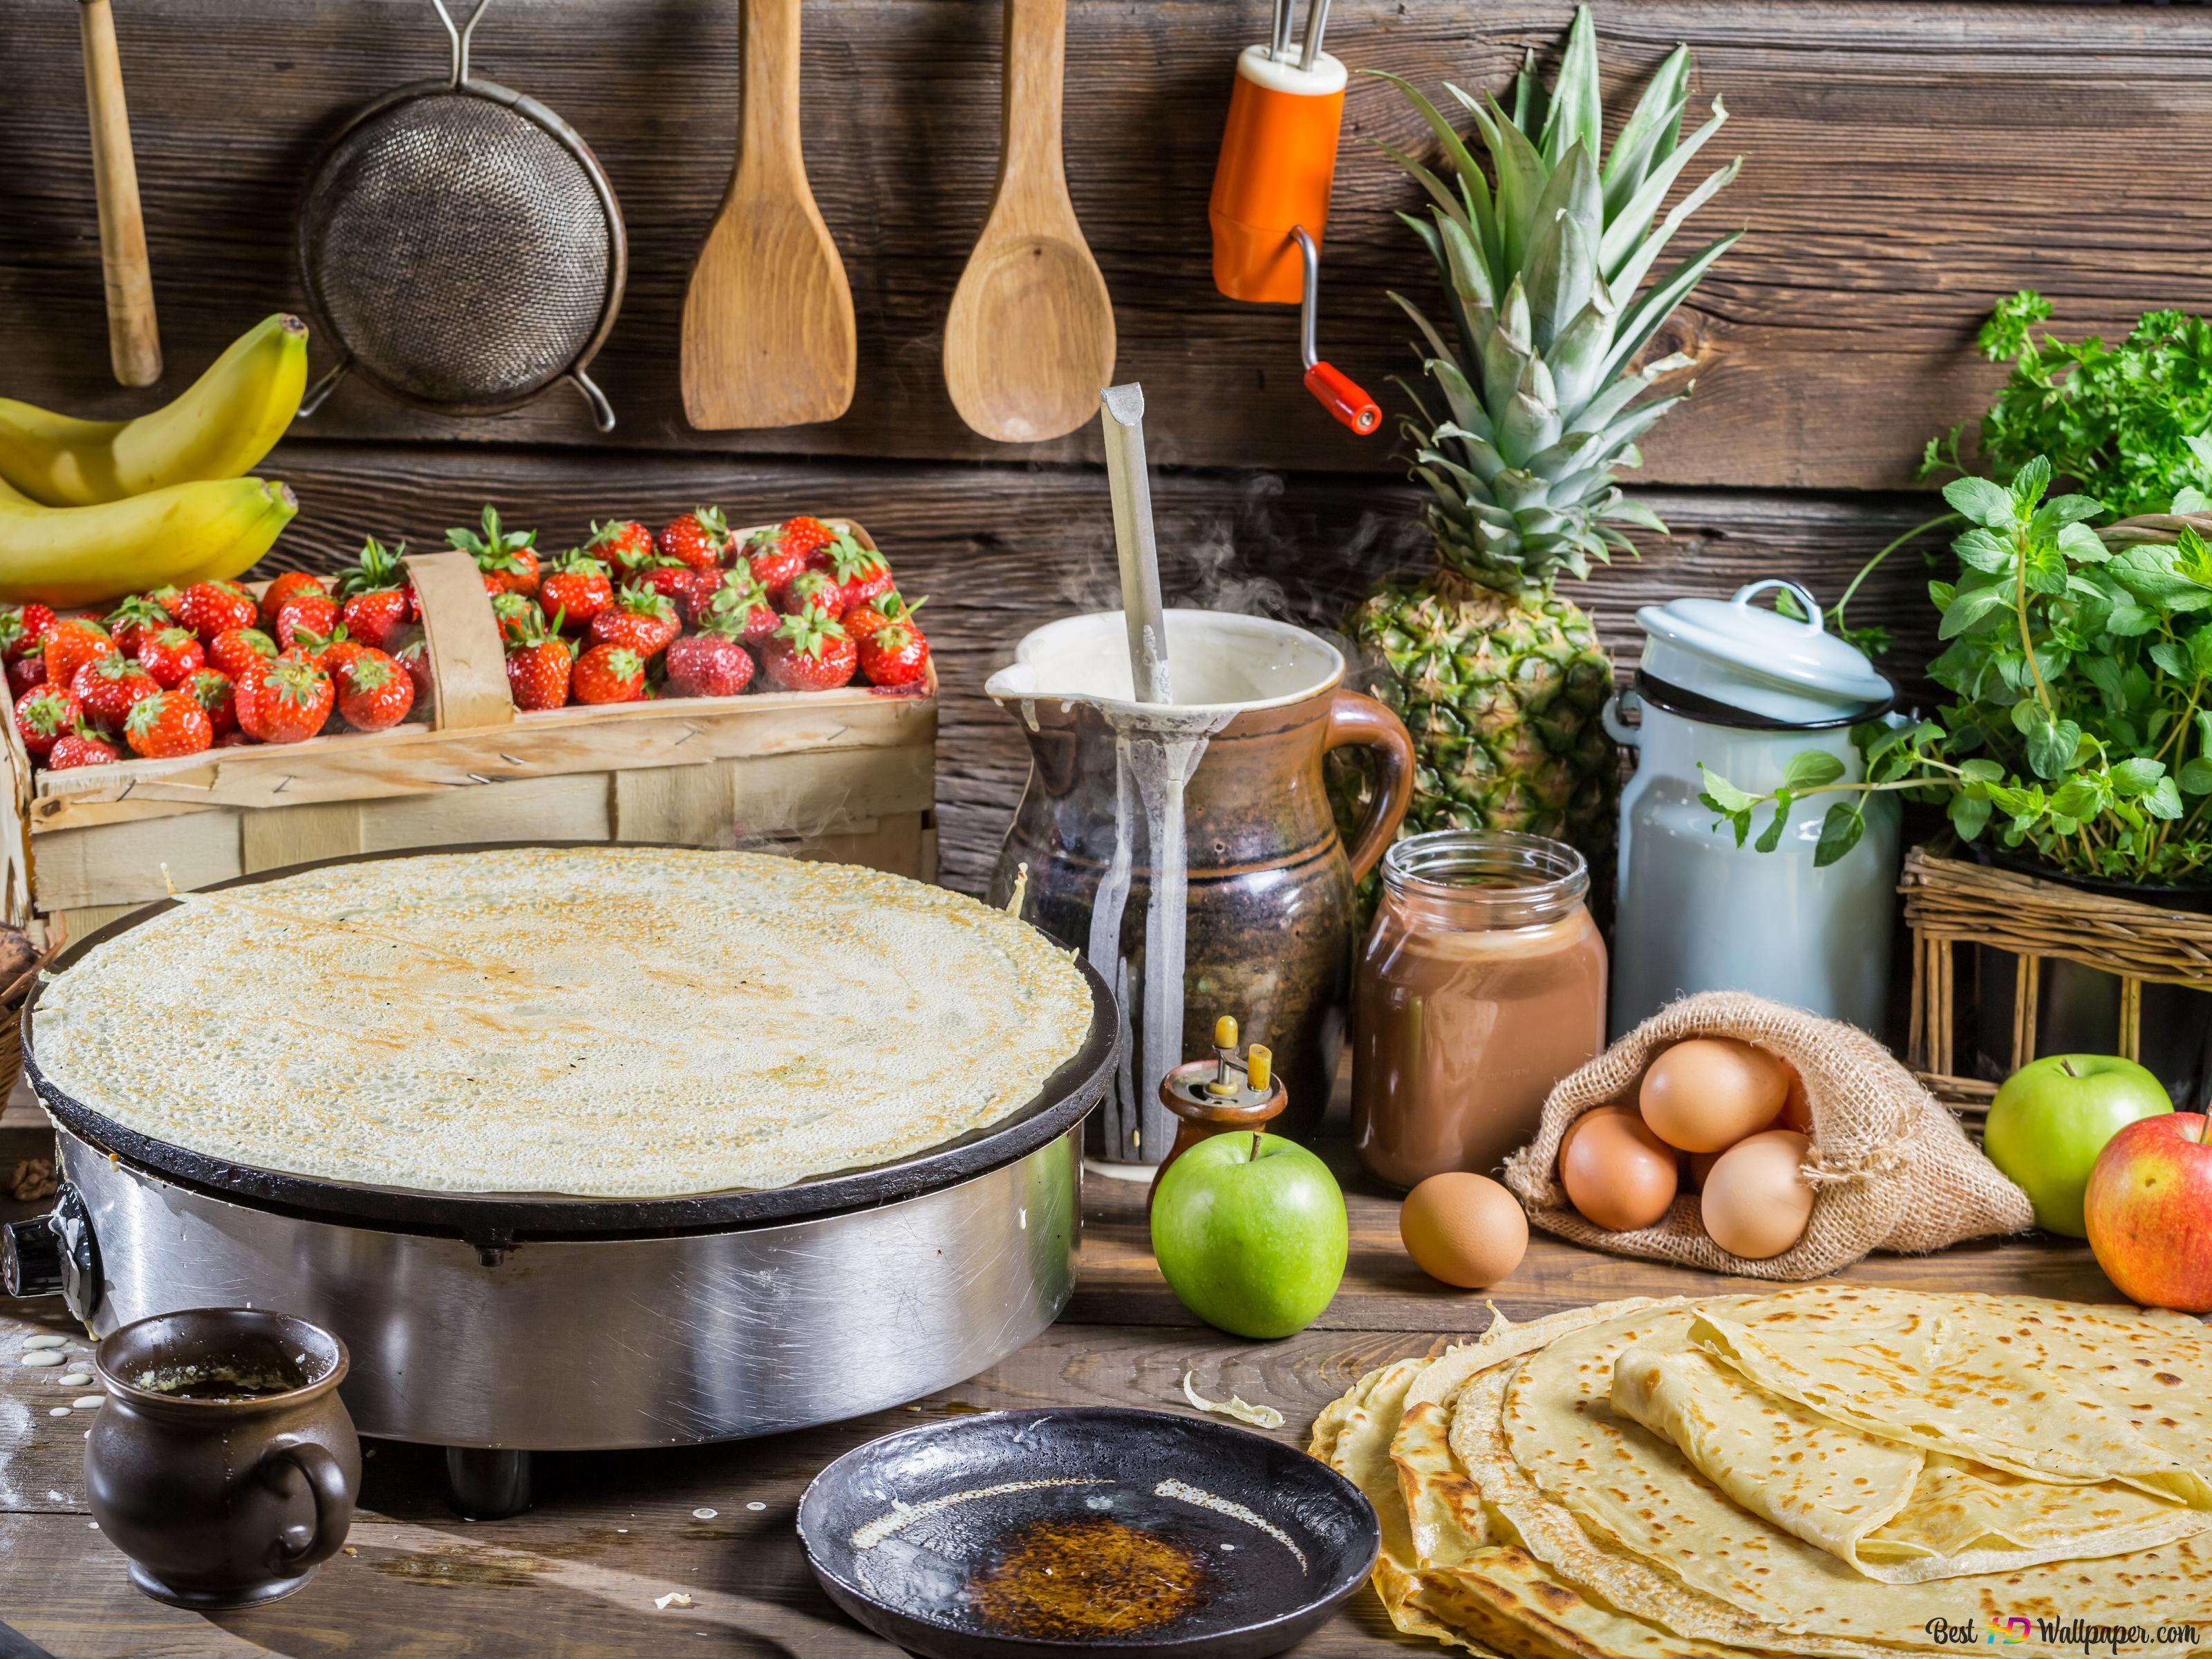 Descargar Fondo De Pantalla Articulos De Cocina Hd